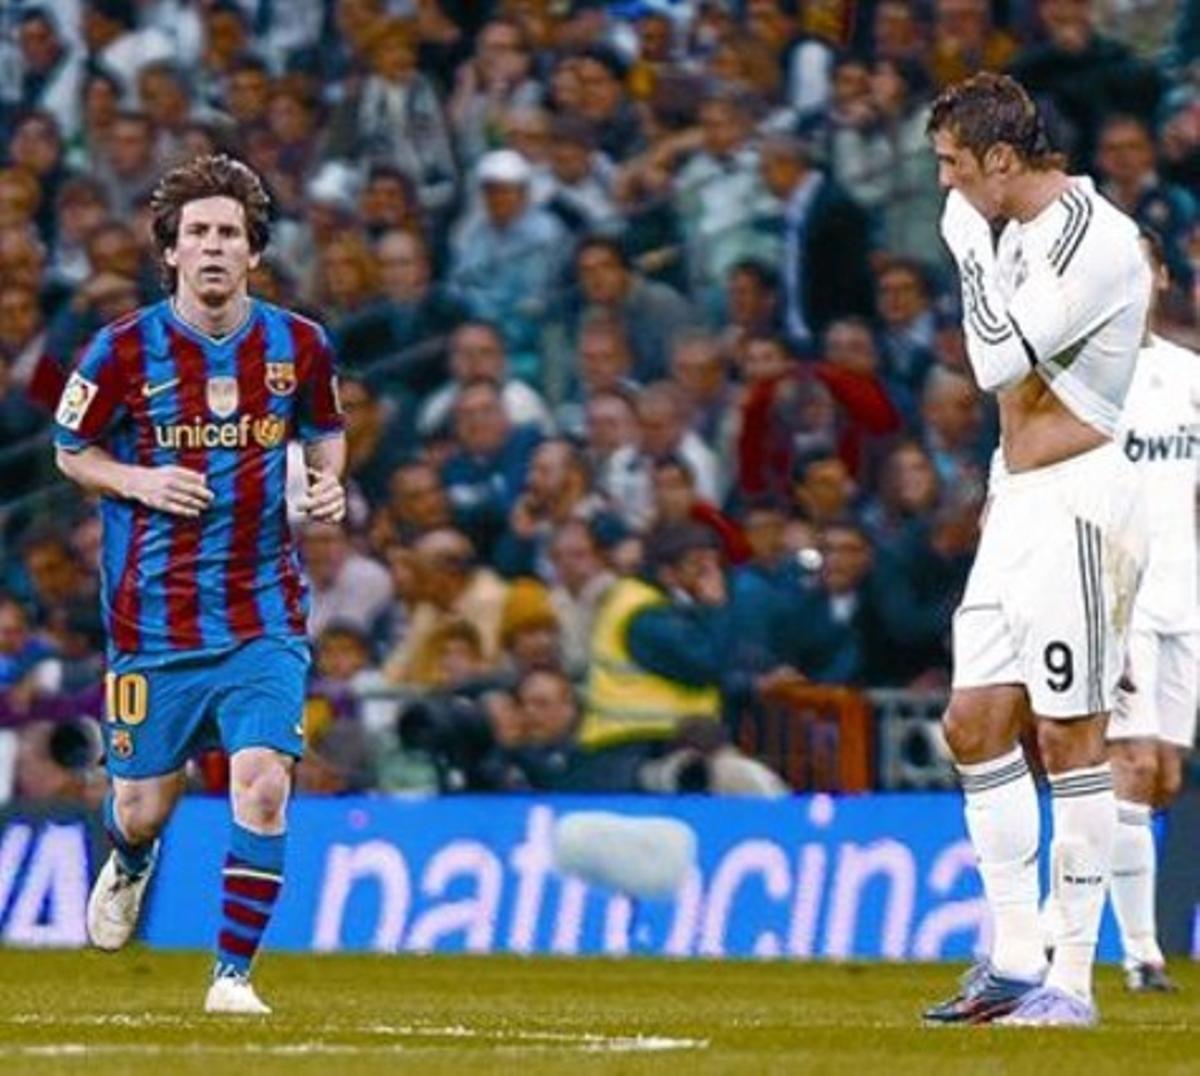 Dos estilos 8 Messi (de frente) y Ronaldo (de soslayo) simbolizan dos maneras de hacer las cosas en el fútbol.